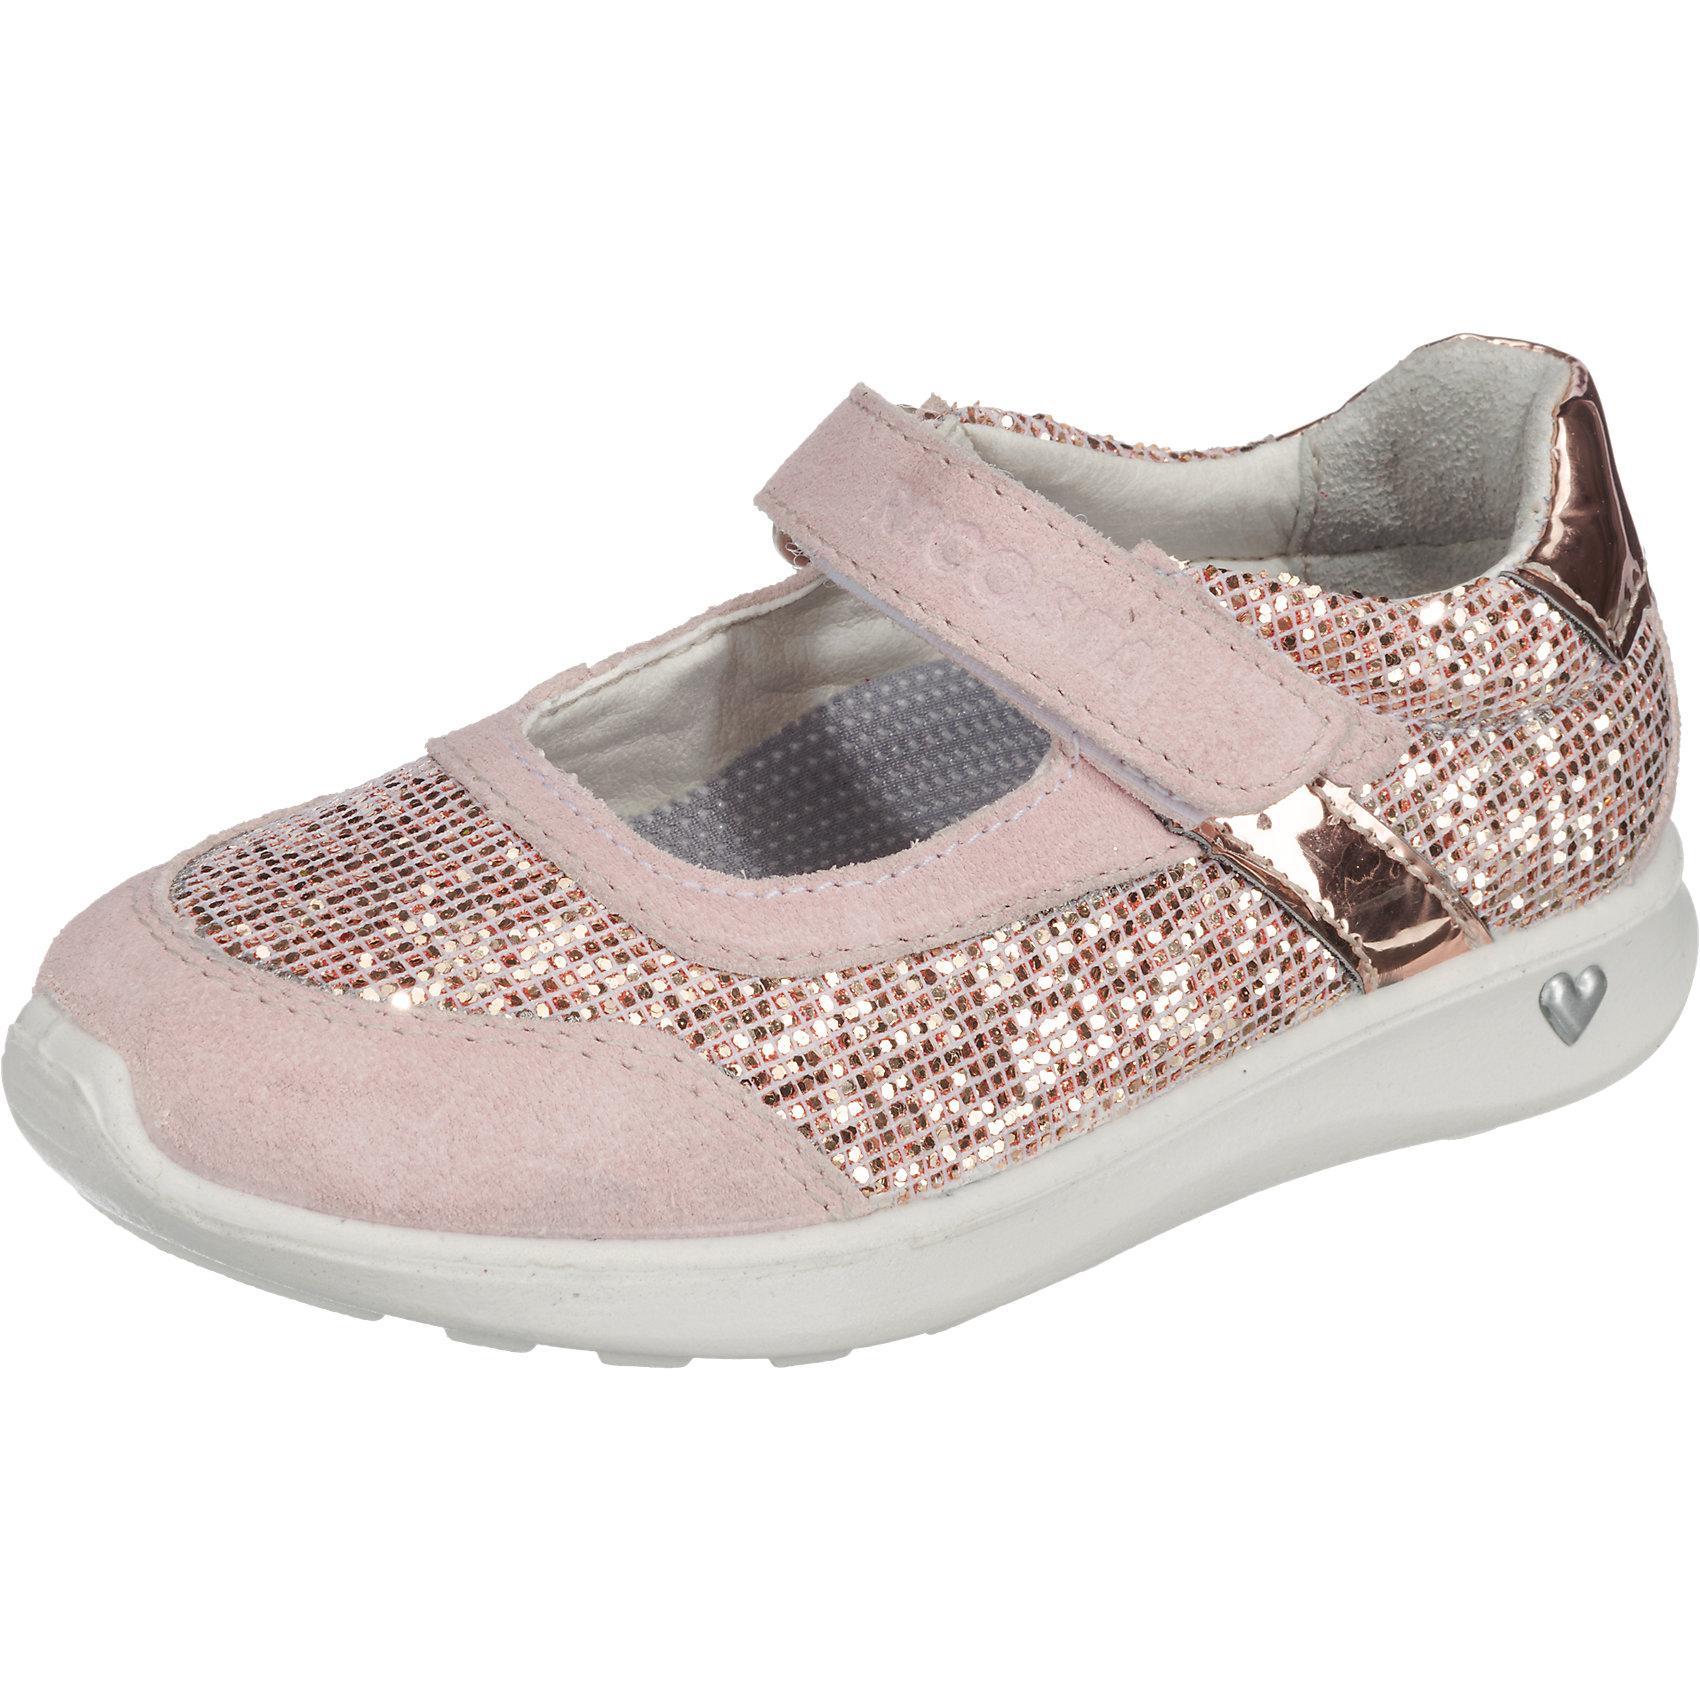 9684cca0650013 Neu-RICOSTA-Kinder-Ballerinas-ALINA-Weite-M-7256828-